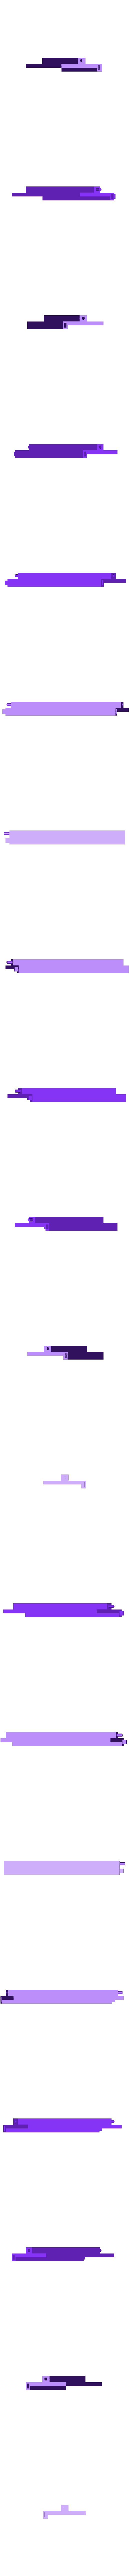 rampe 2.2.stl Télécharger fichier STL Pont 4 colonnes pour garage 1/10 • Design pour impression 3D, RCGANG93